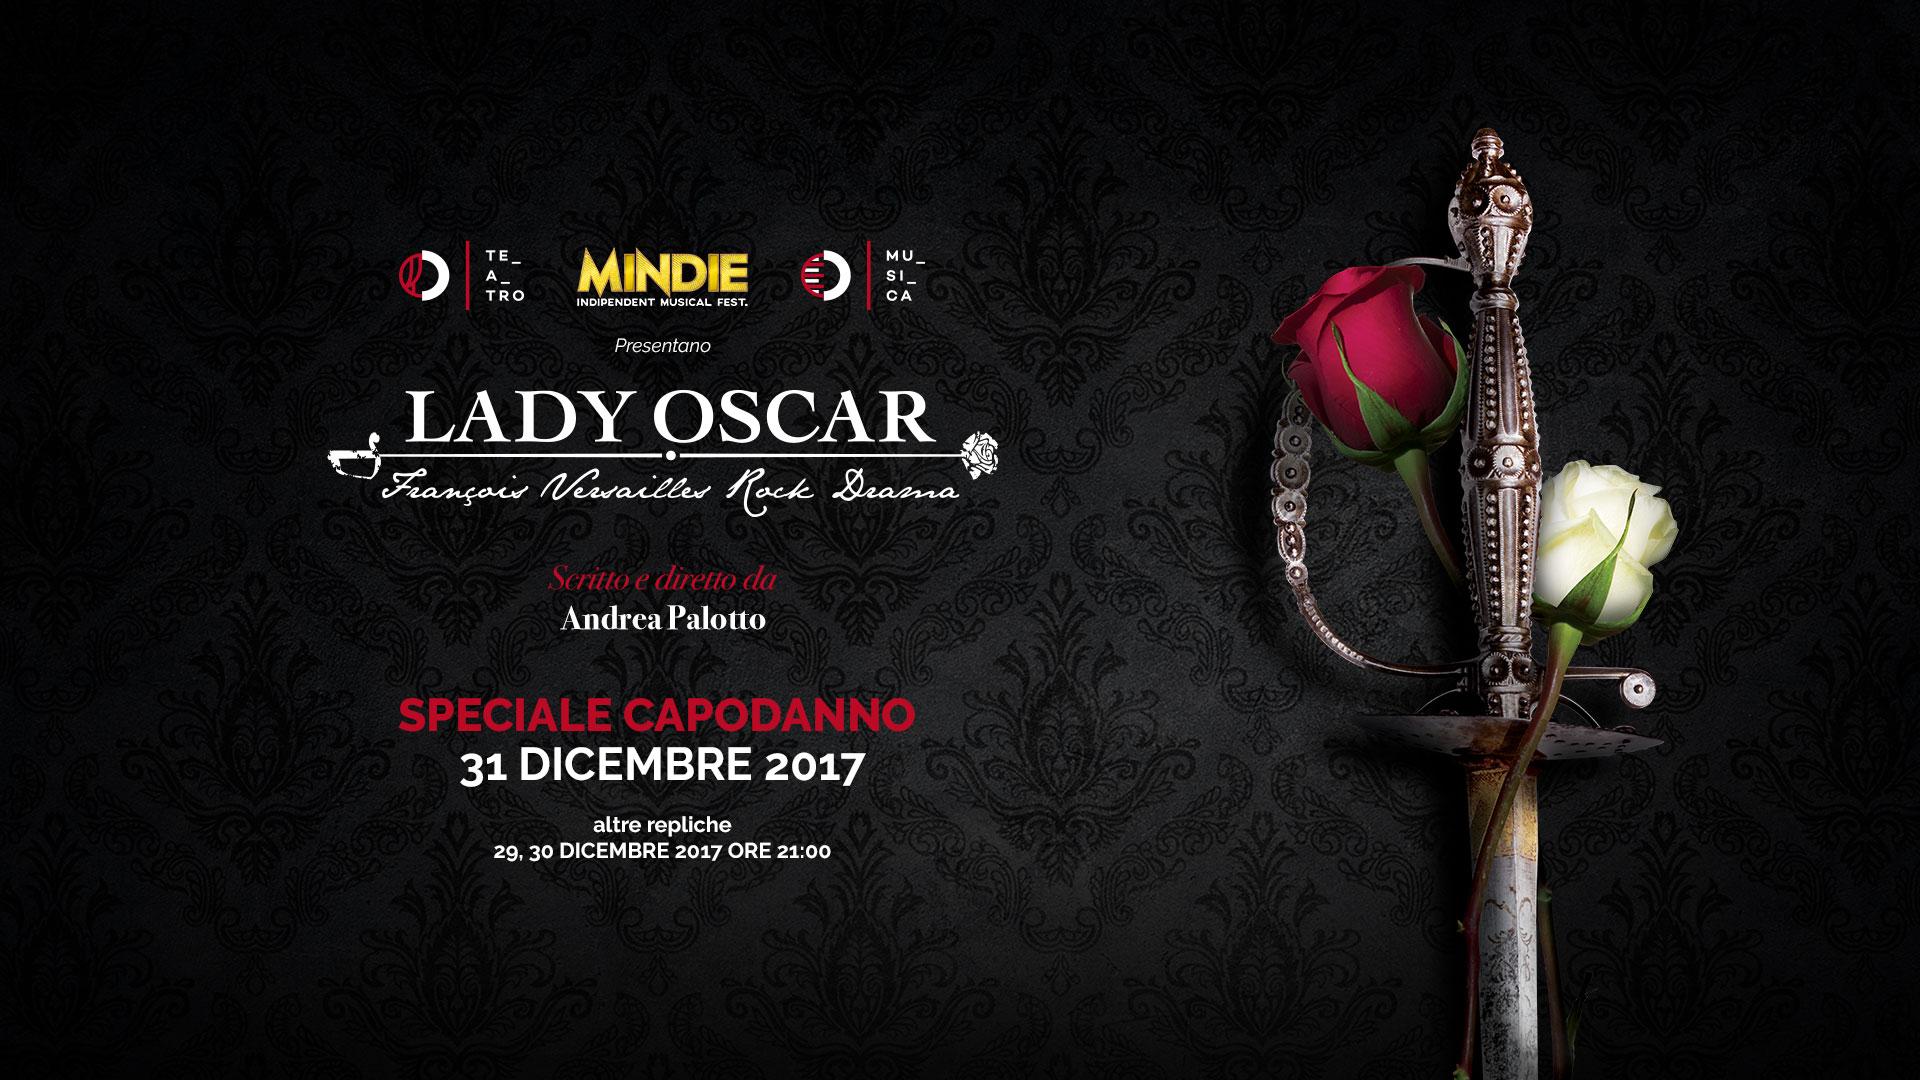 IL MINDIE, FESTIVAL DEL MUSICAL INDIPENDENTE, APRE A ROMA CON LADY OSCAR.